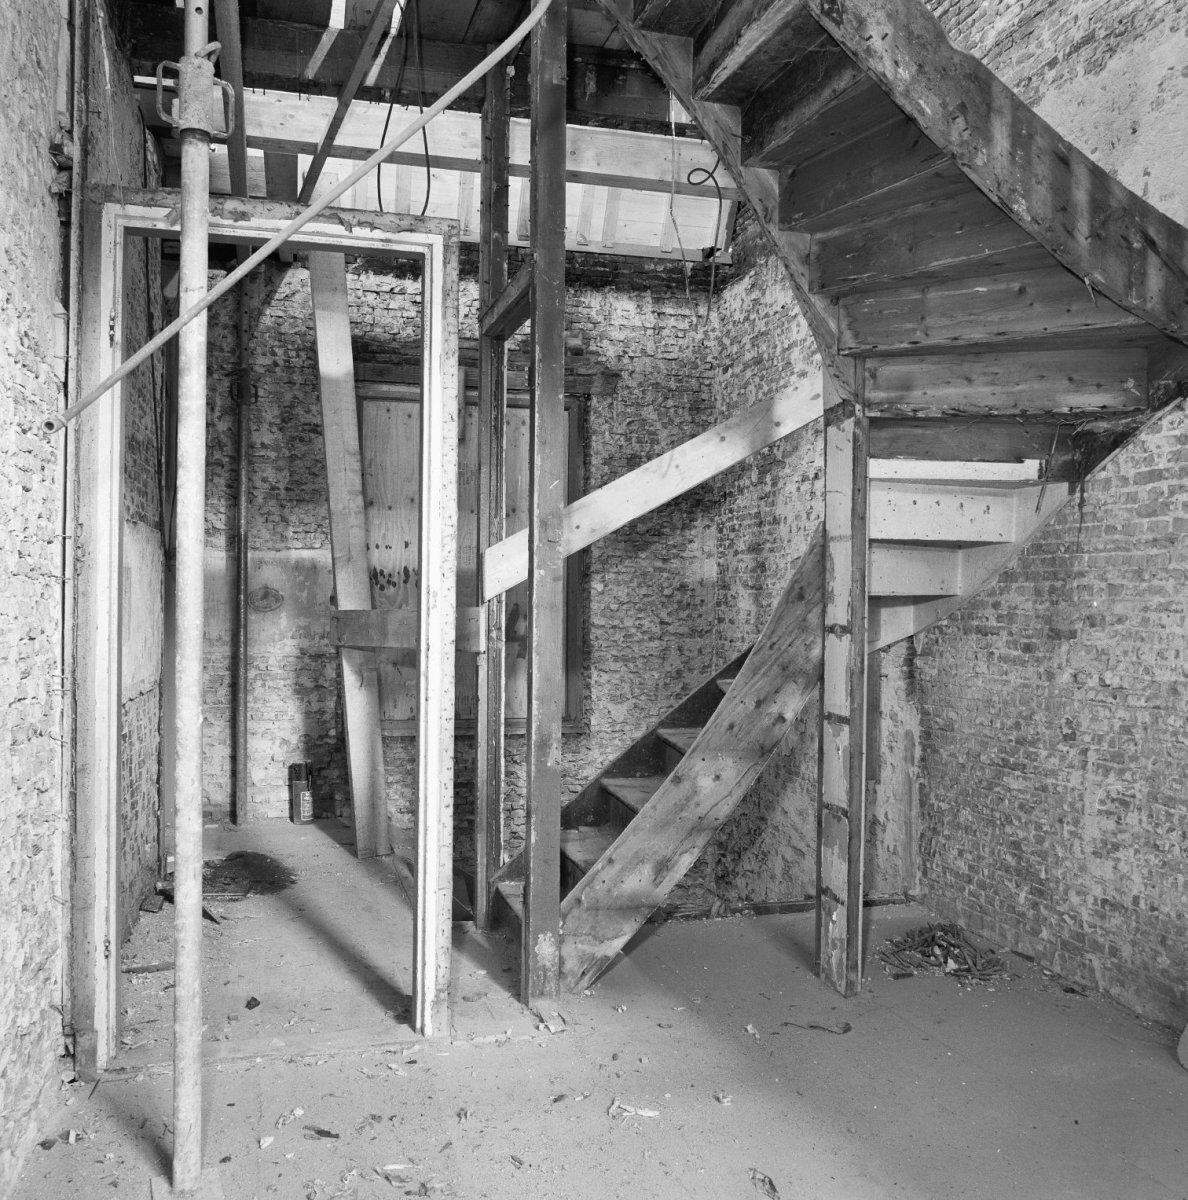 File interieur vervallen trap voorhuis 1e verdieping zolder 39 s gravenhage 20089363 rce - Interieur trap ...